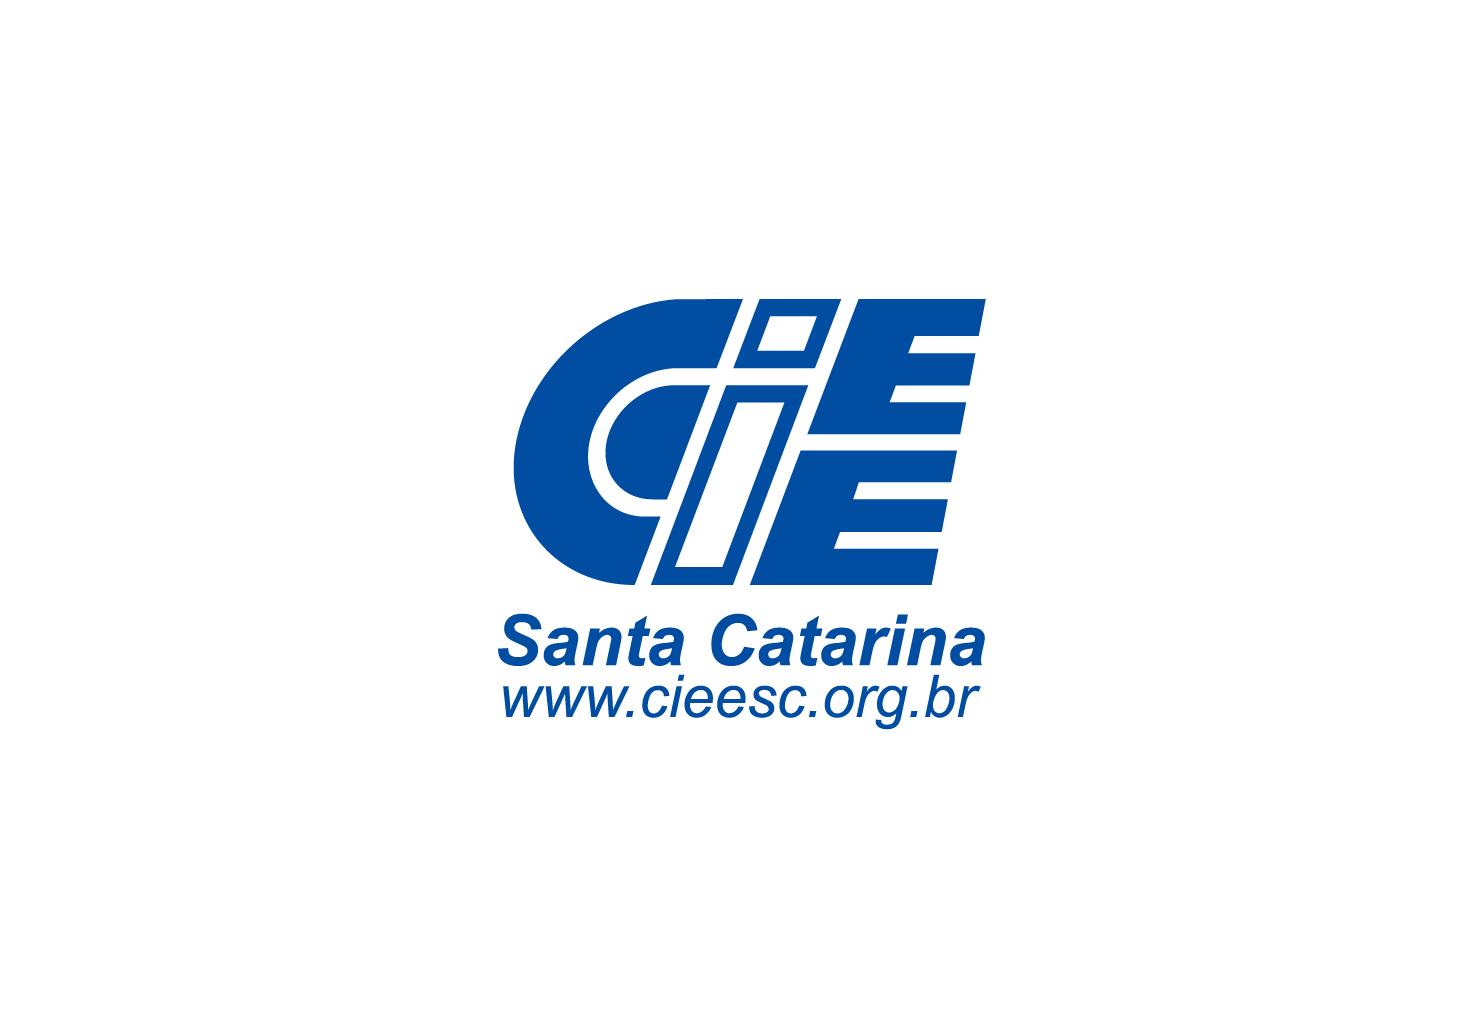 Logotipo AABV CIEE - Centro de Integração Empresa - Escola